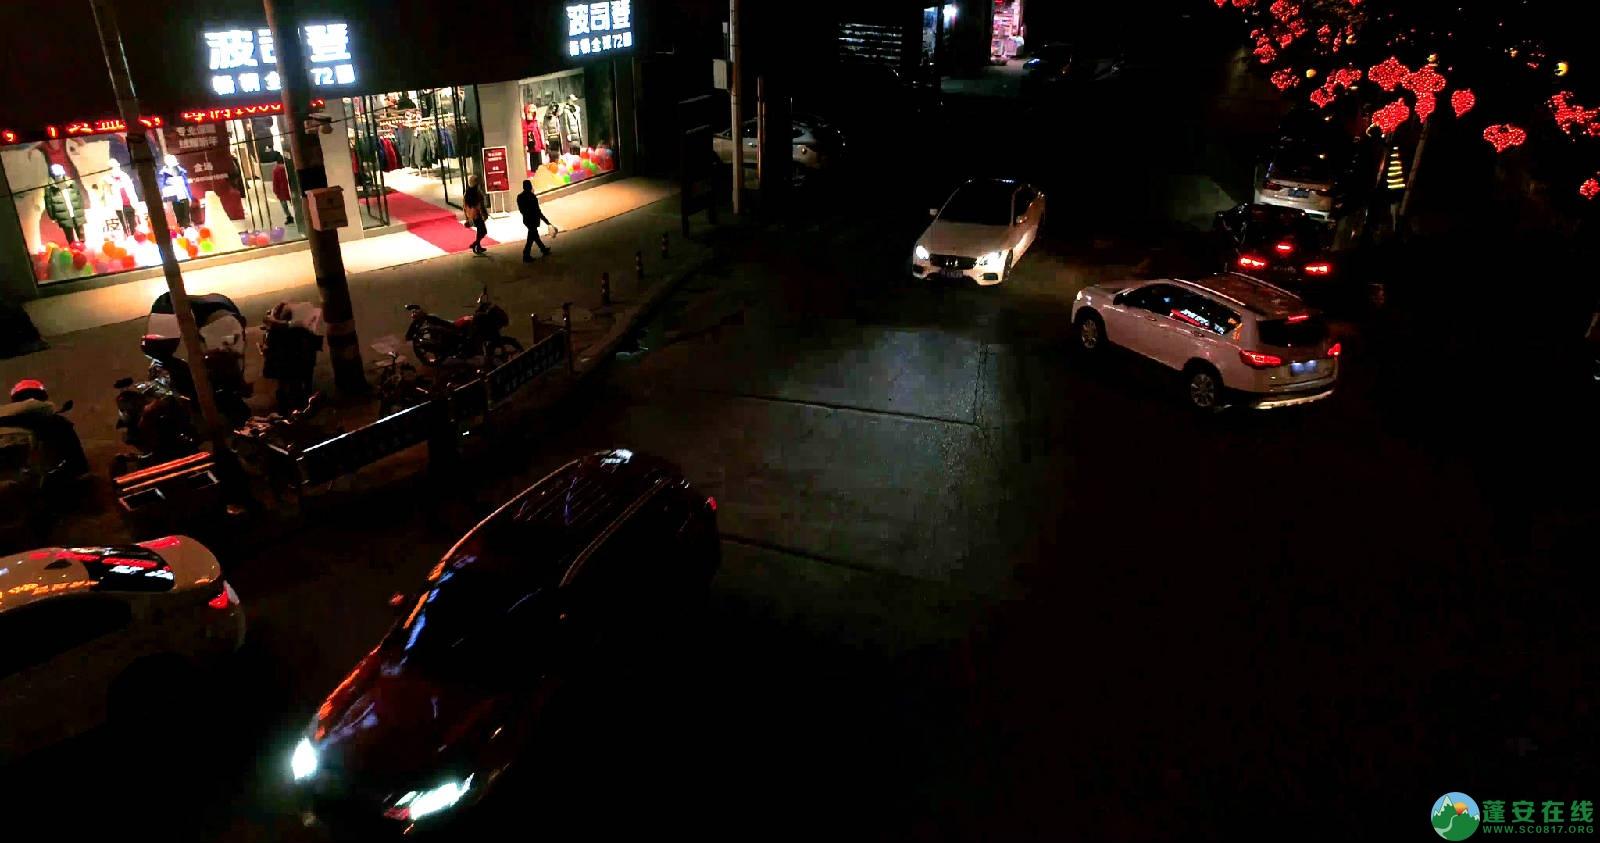 临近春节的蓬安夜色 - 第8张  | 蓬安在线